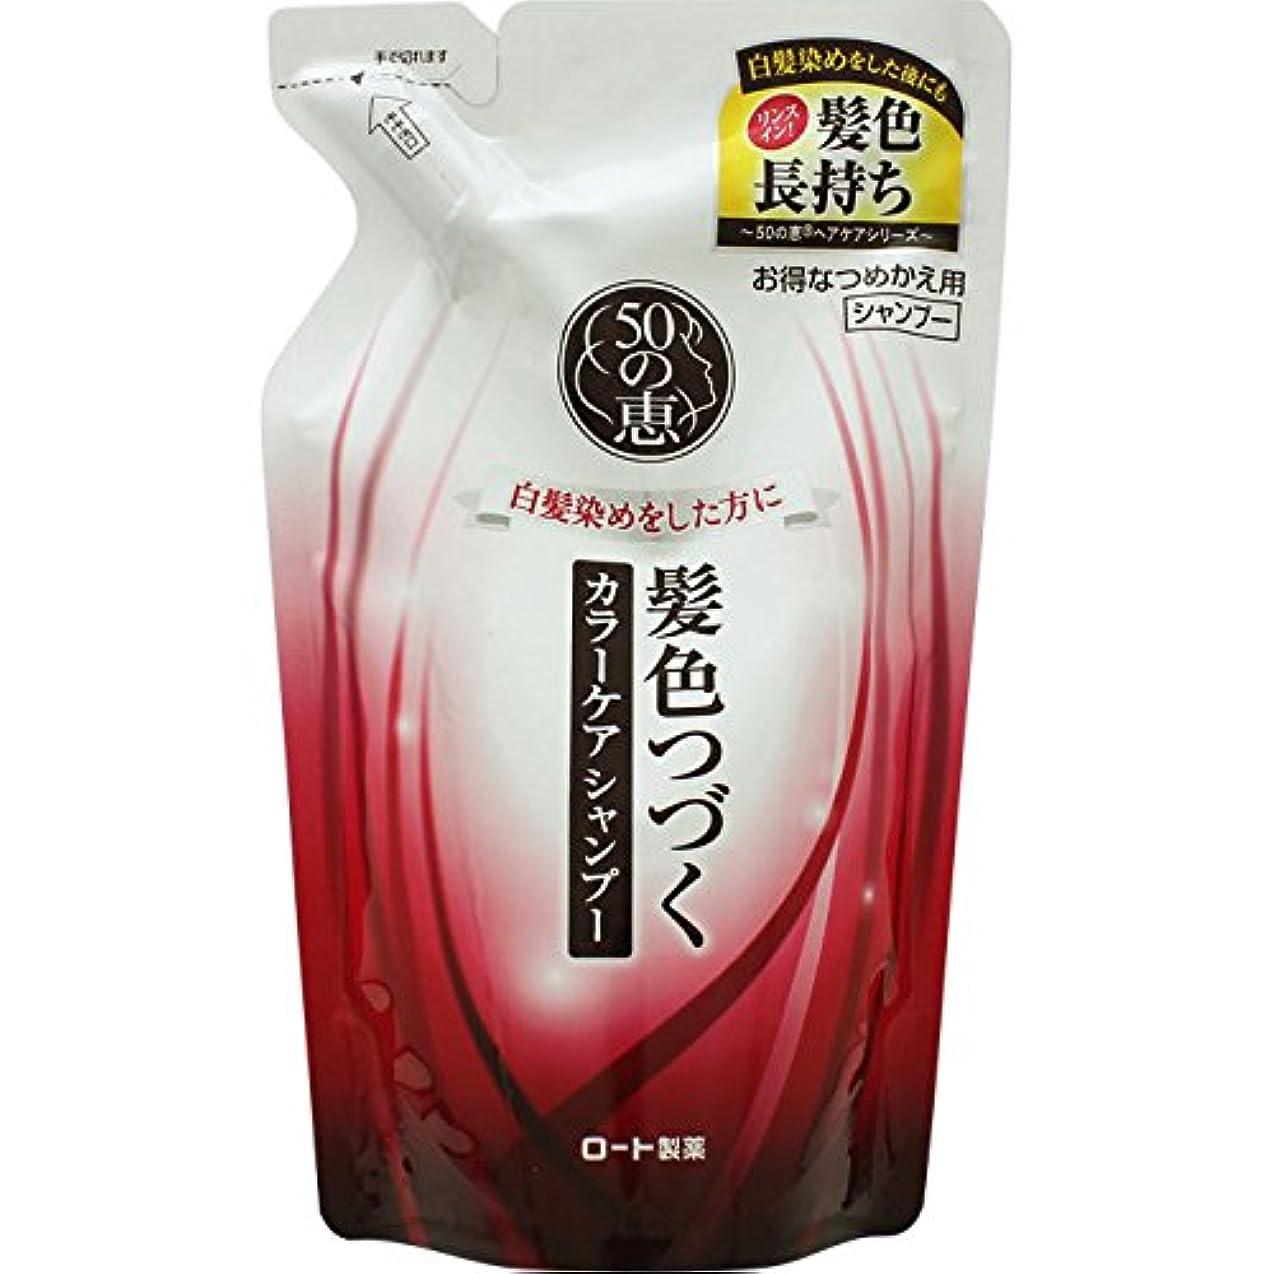 大腿いつでも次へロート製薬 50の恵エイジングケア カラーケアシャンプー 詰替用 330mL